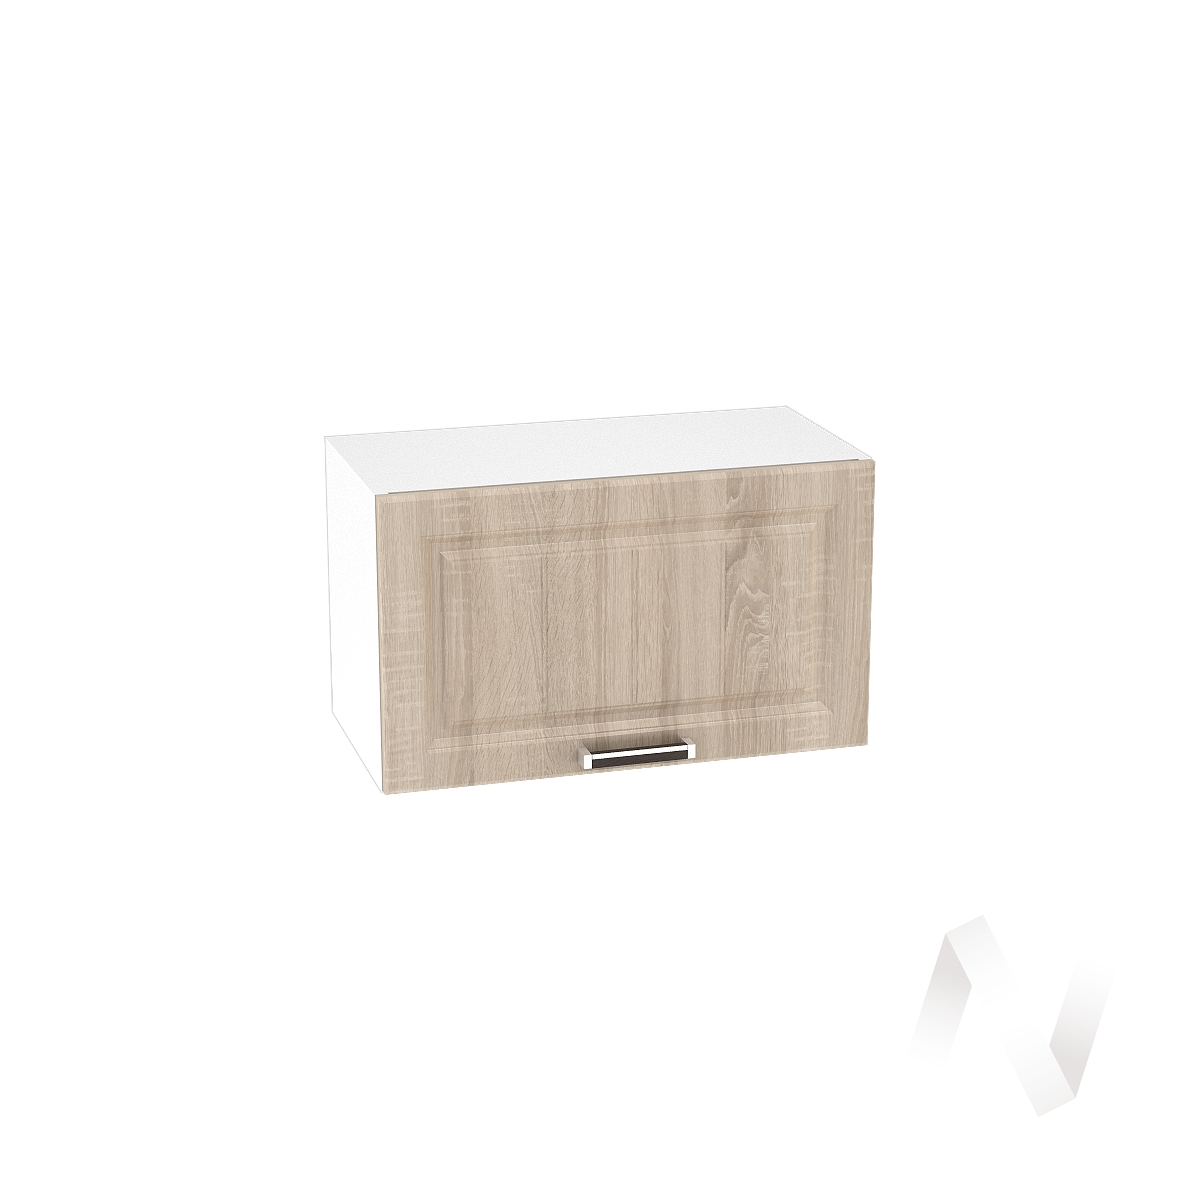 """Кухня """"Прага"""": Шкаф верхний горизонтальный 600, ШВГ 600 (дуб сонома/корпус белый) в Новосибирске в интернет-магазине мебели kuhnya54.ru"""